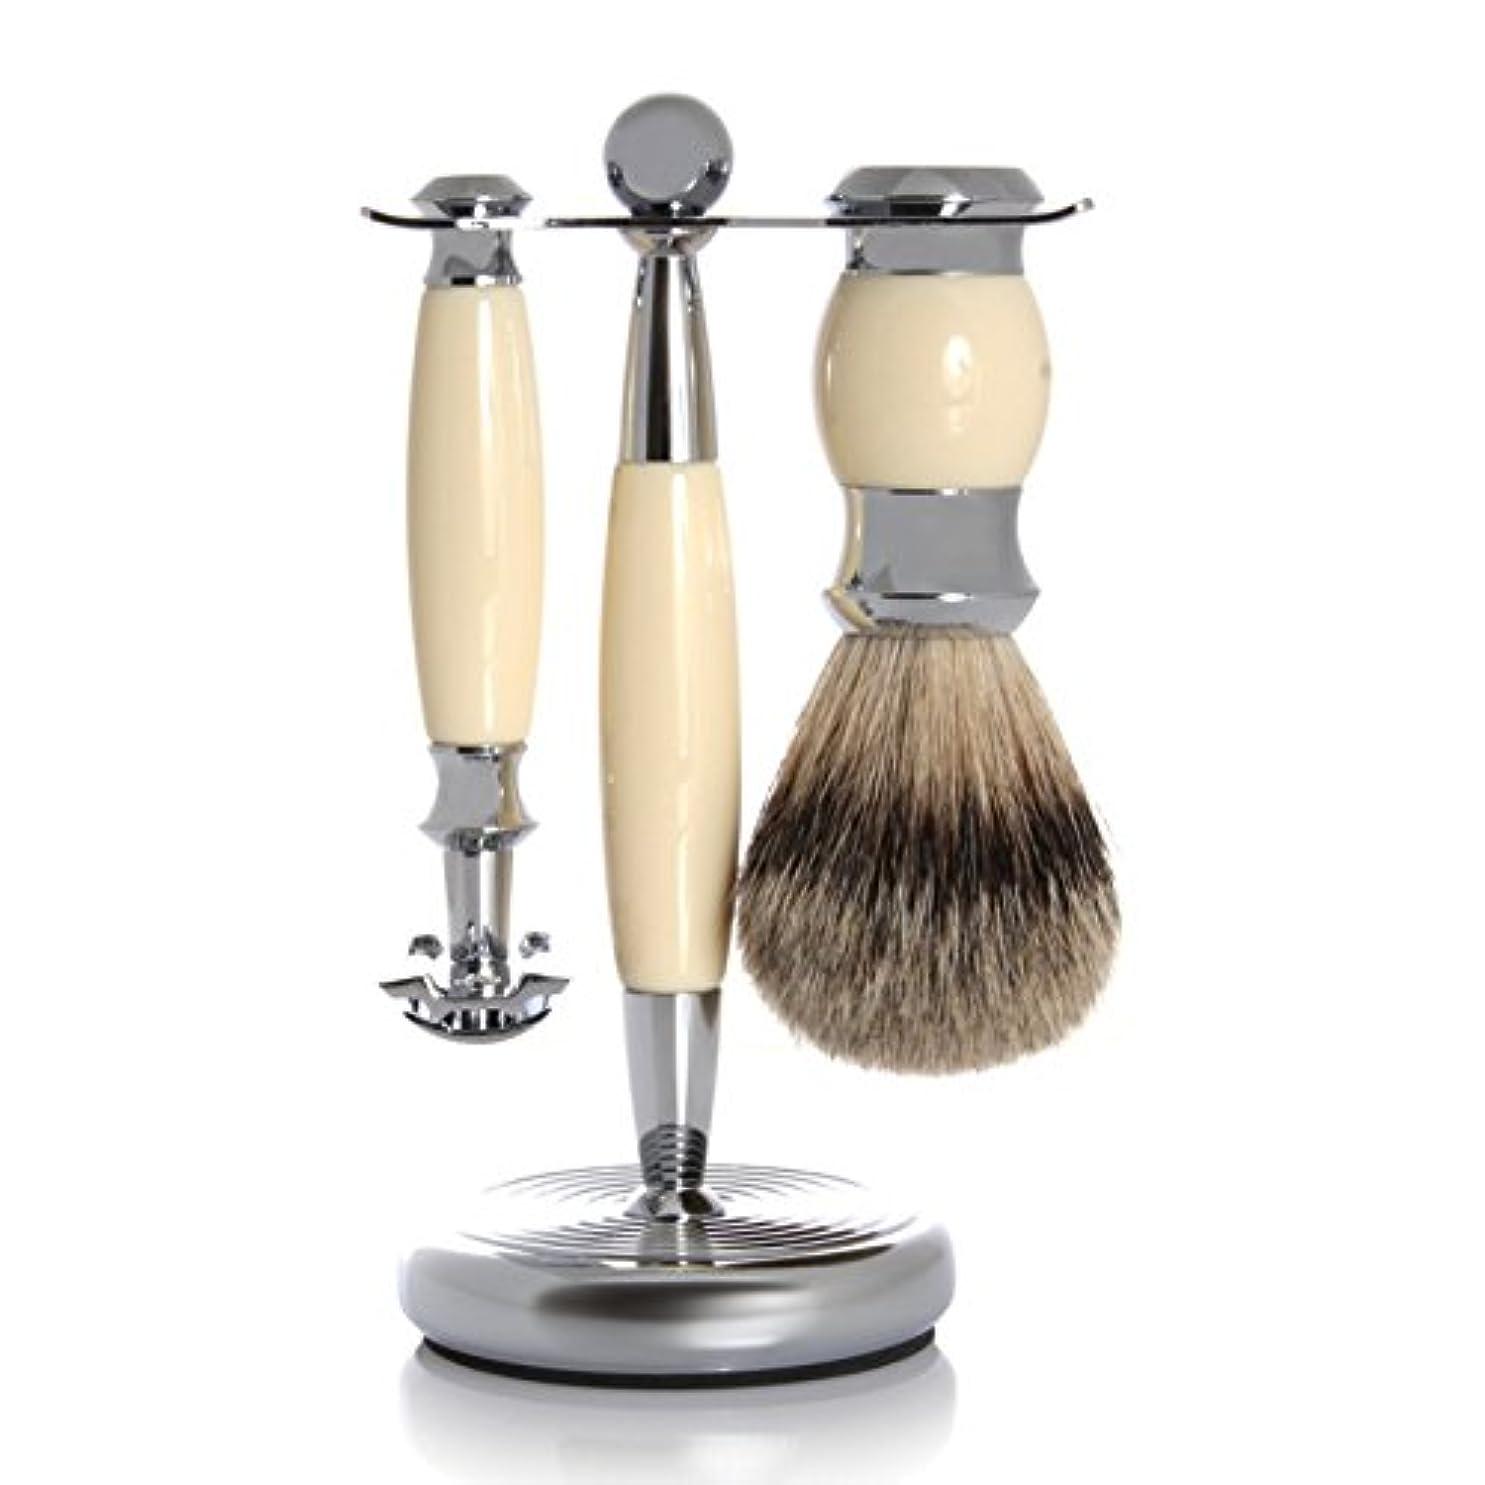 シャトル急降下司教GOLDDACHS Shaving Set, Safety razor, Finest Badger, white/silver